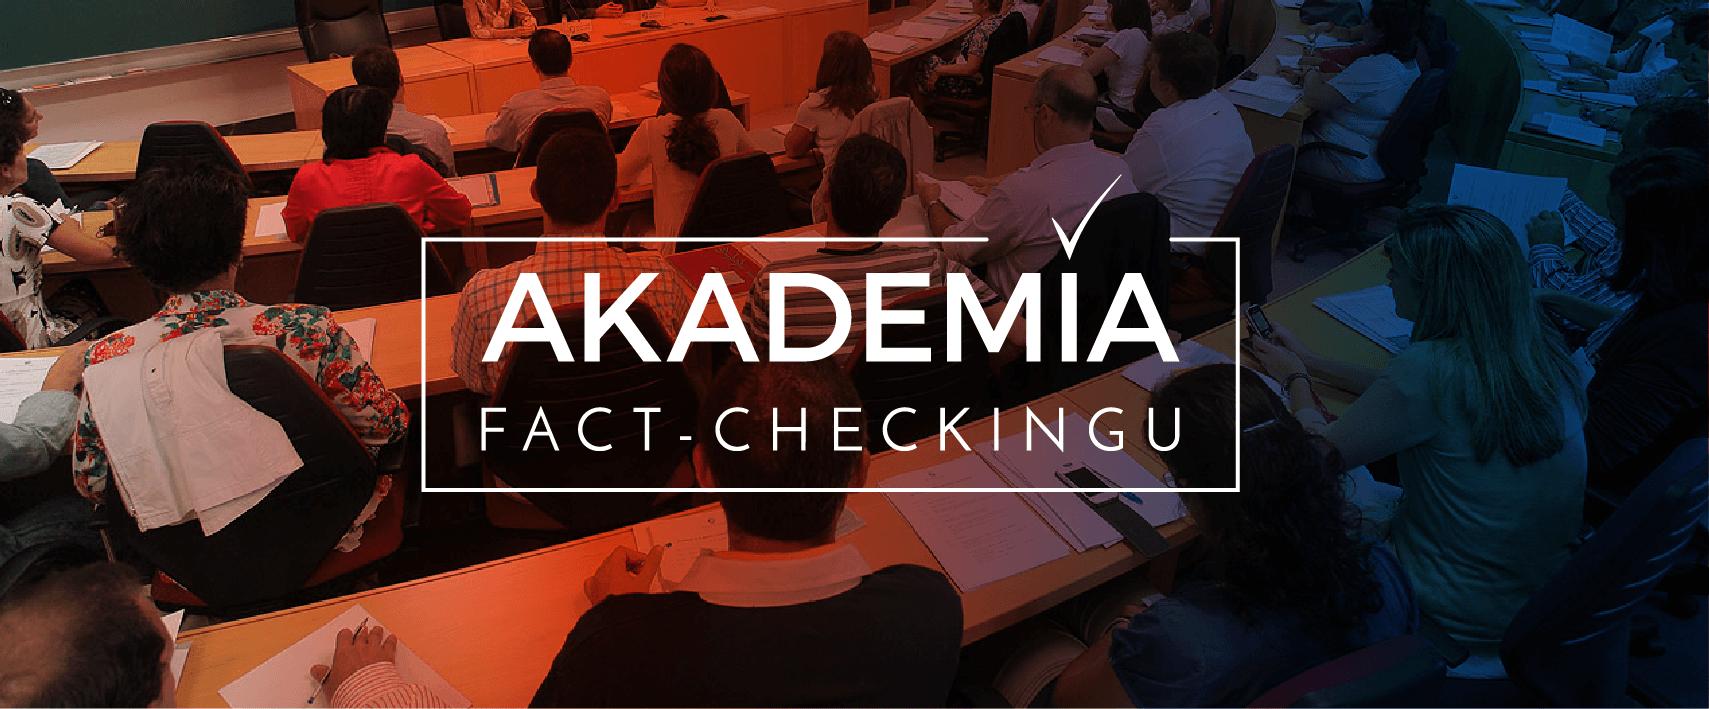 Akademia Fact-Checkingu